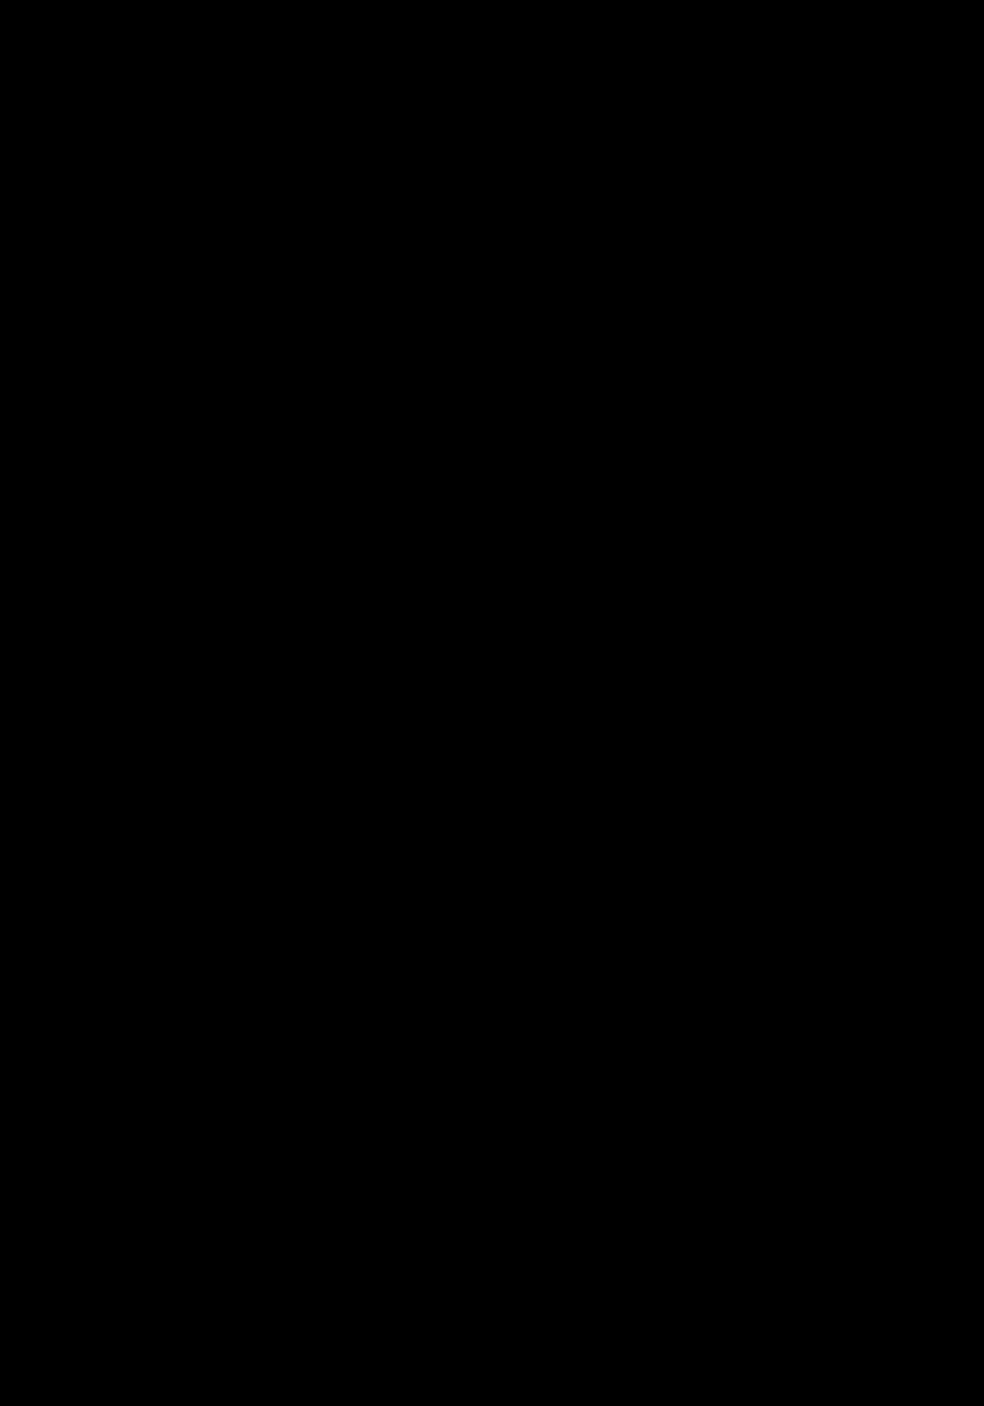 艶 L 大かな LTU-KL 横組見本